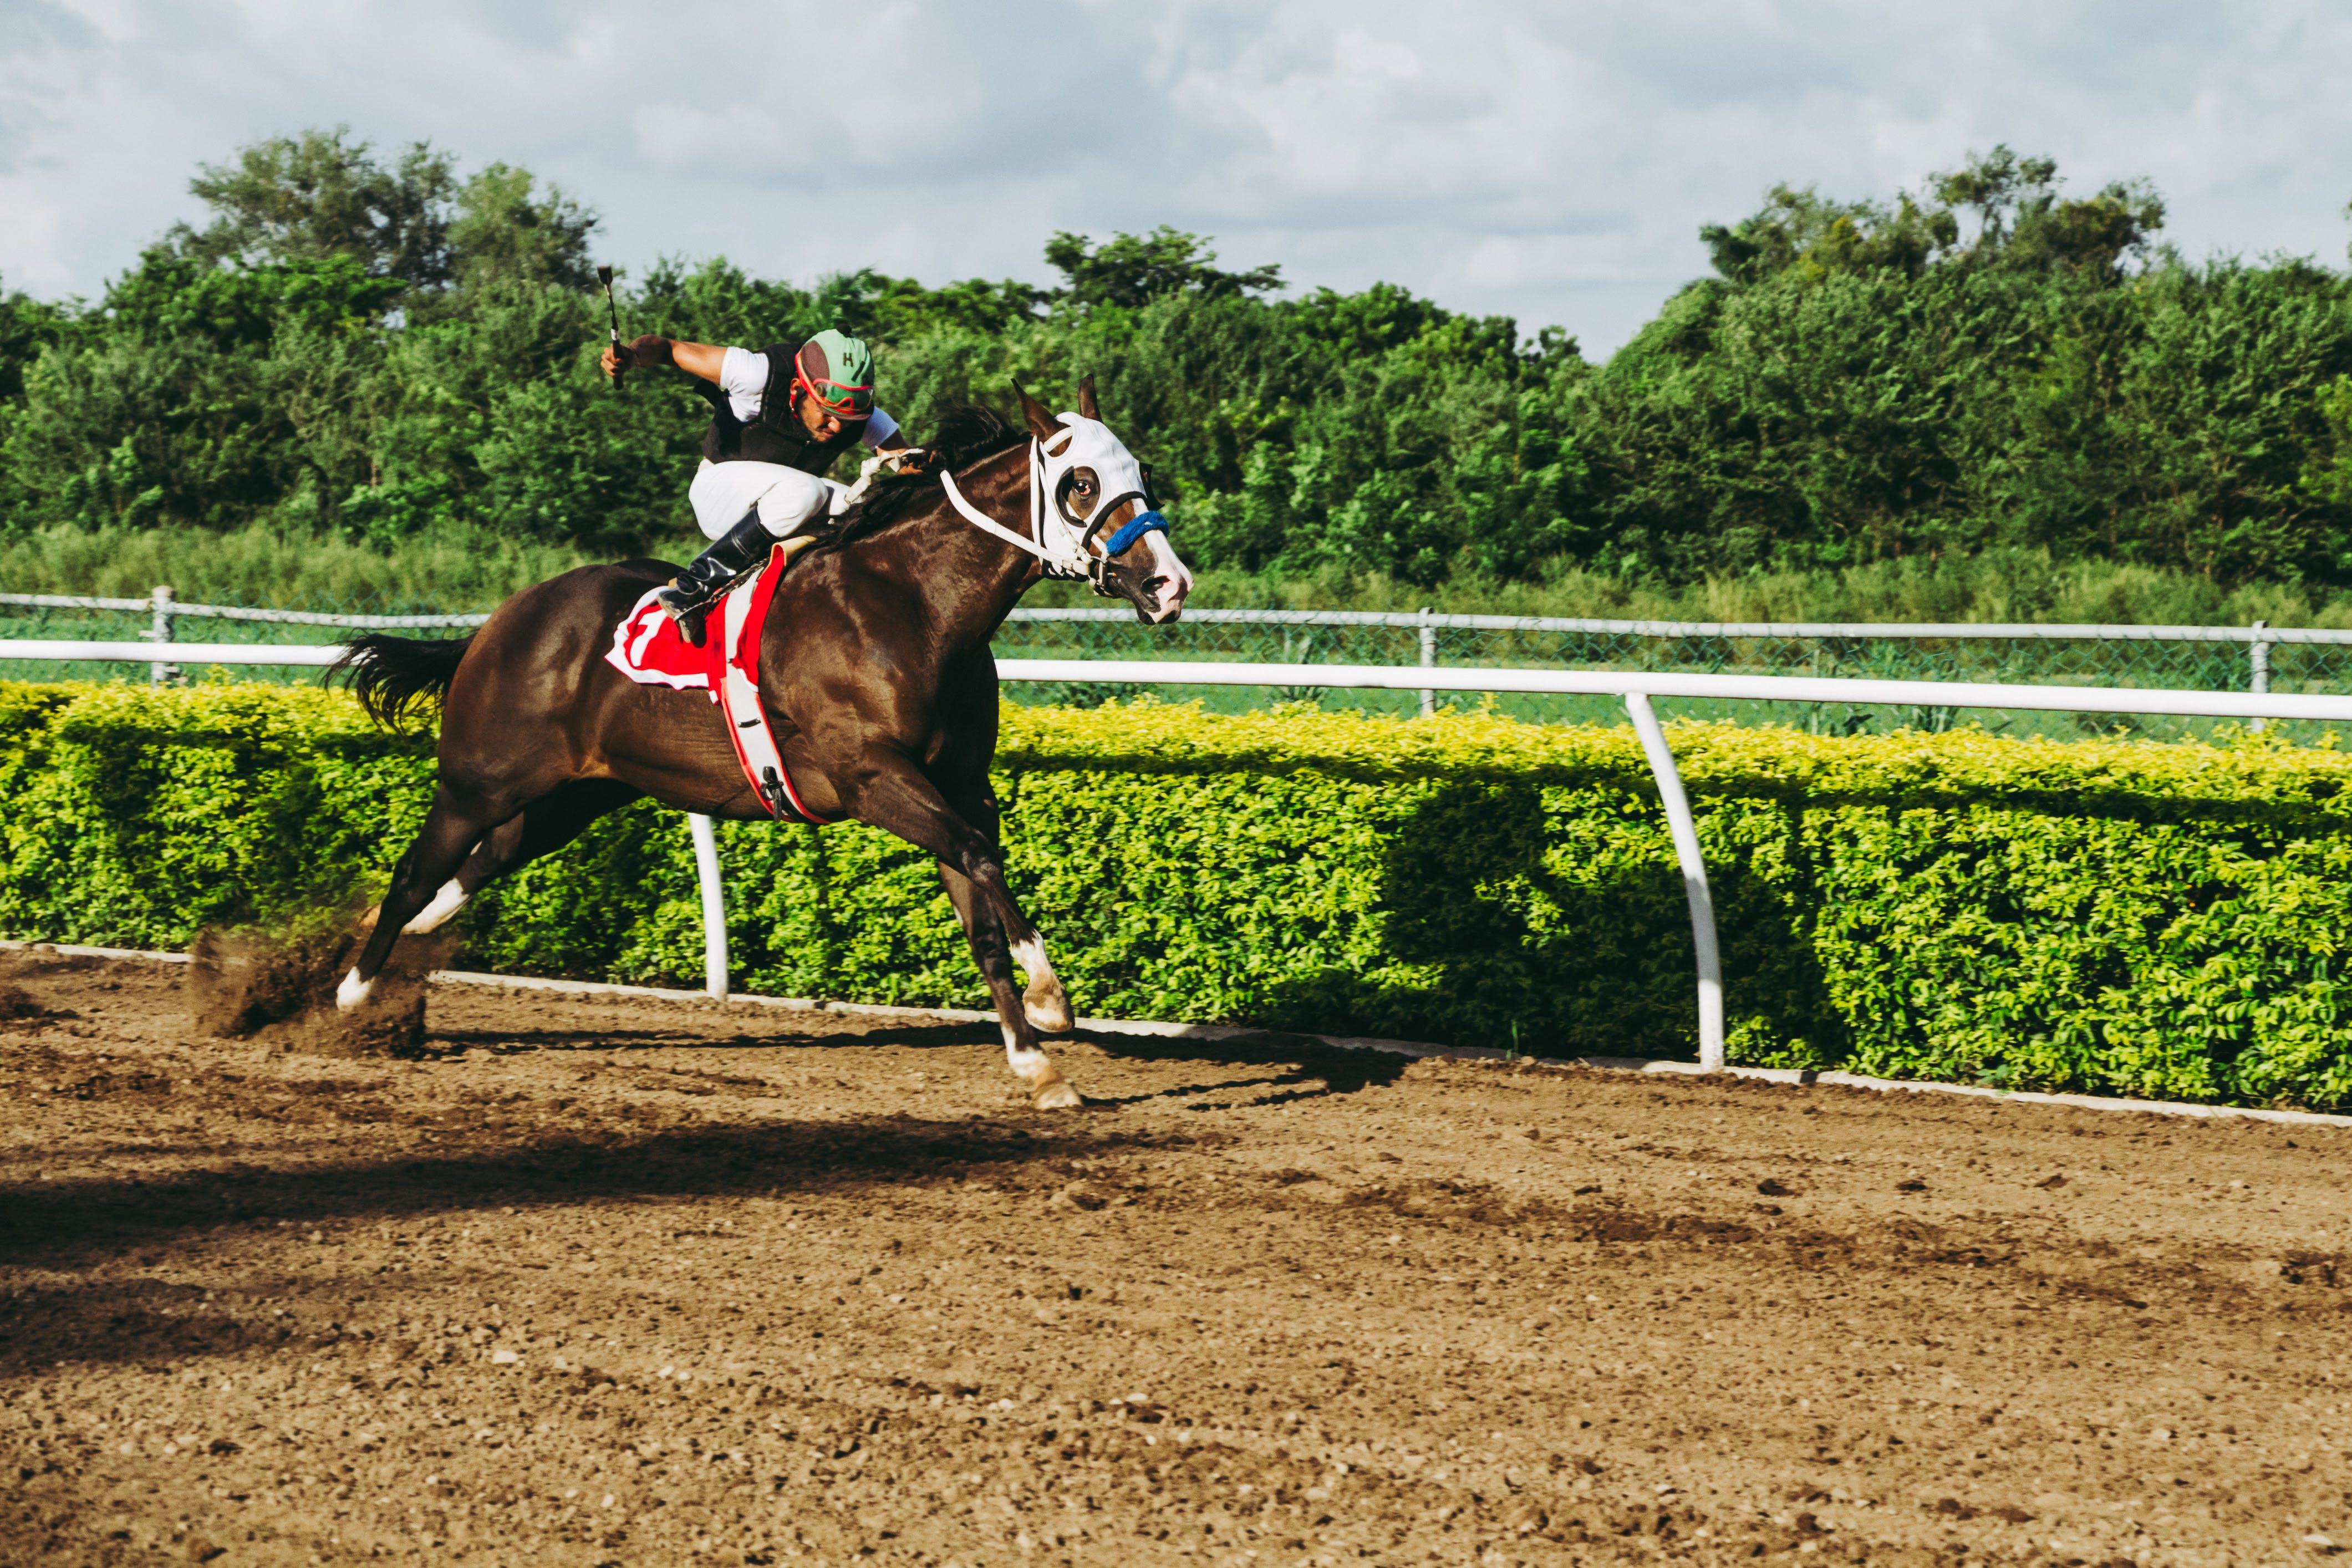 คลังภาพถ่ายฟรี ของ การแข่งขัน, การแข่งม้า, จ๊อกกี้, นักขี่ม้า